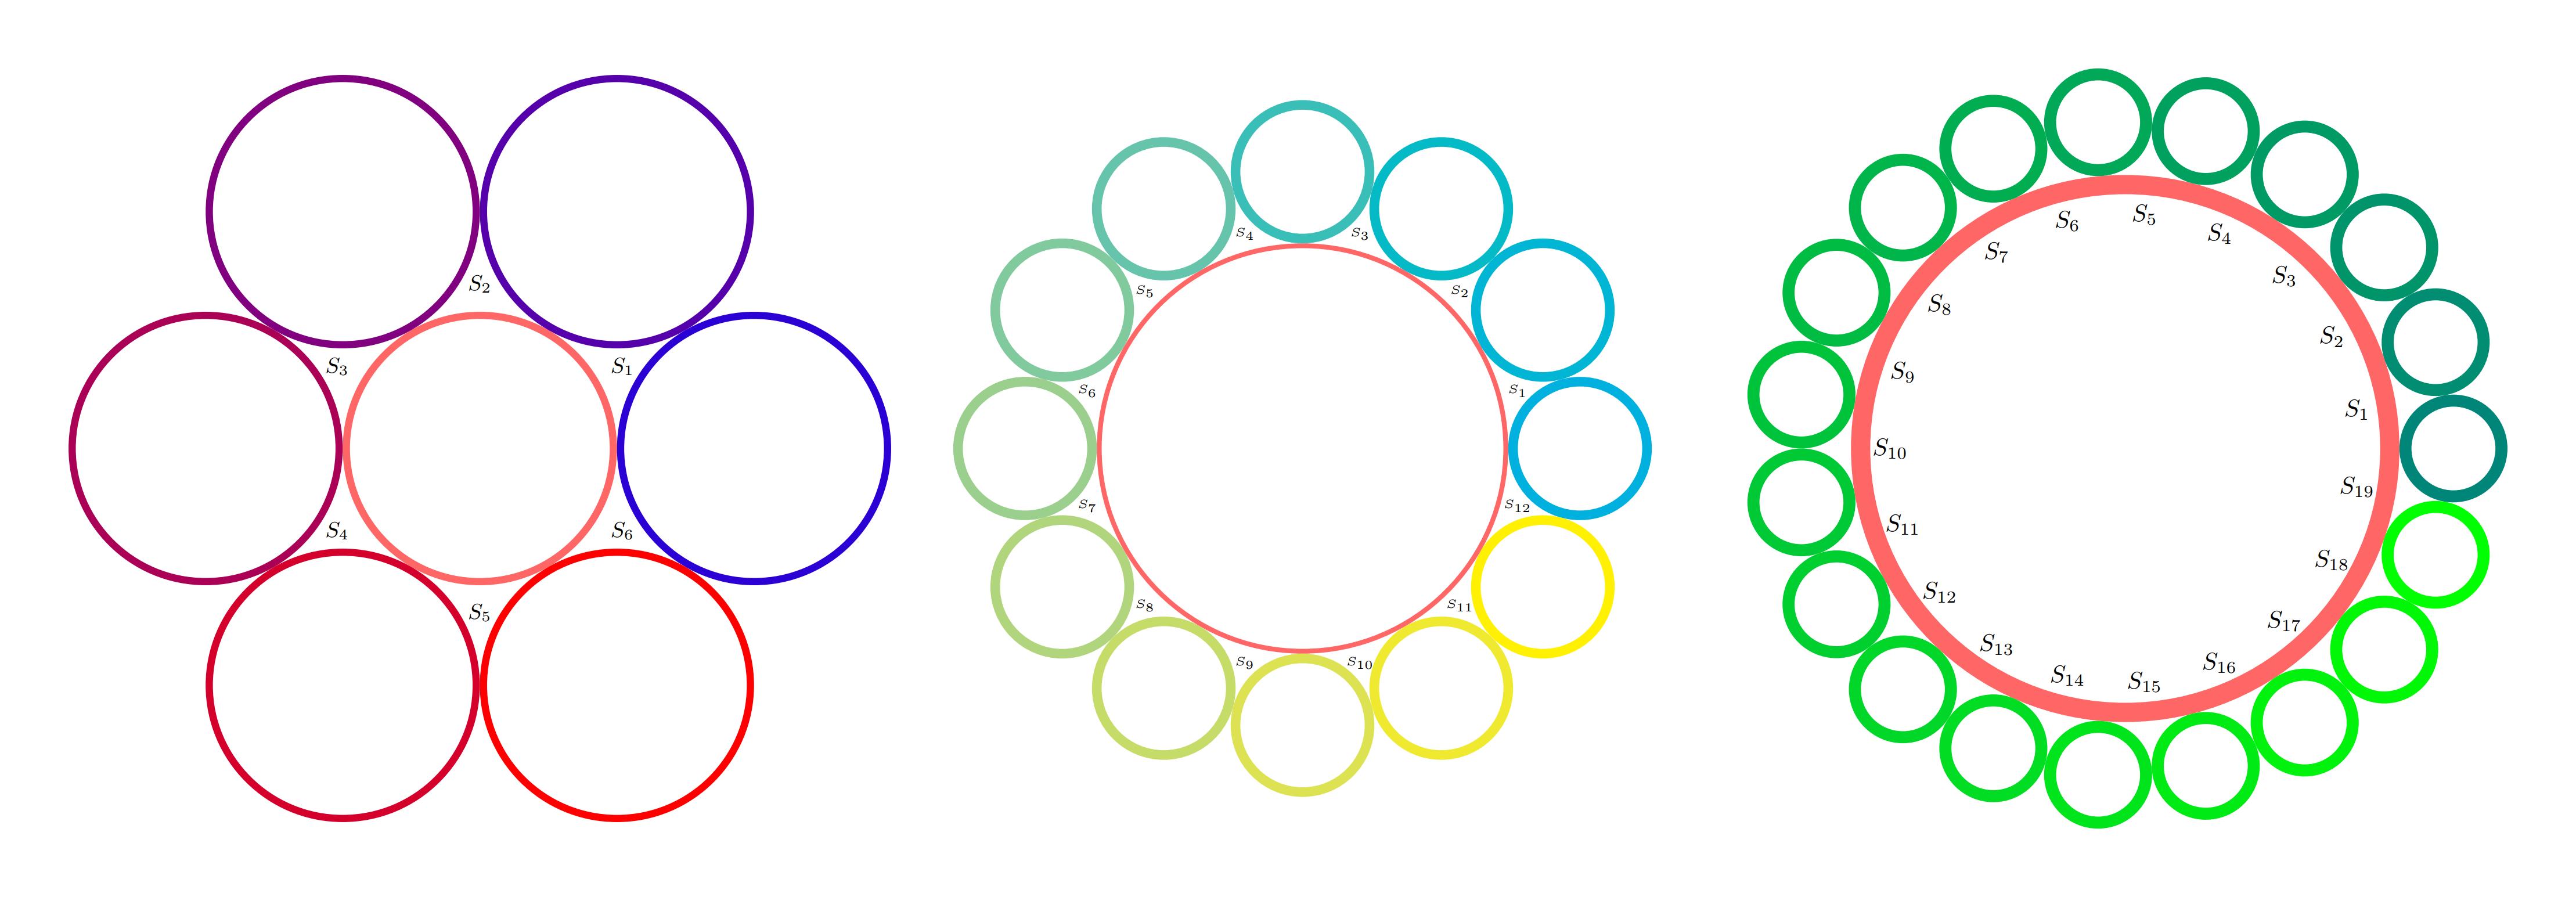 tikz画相切的圆环